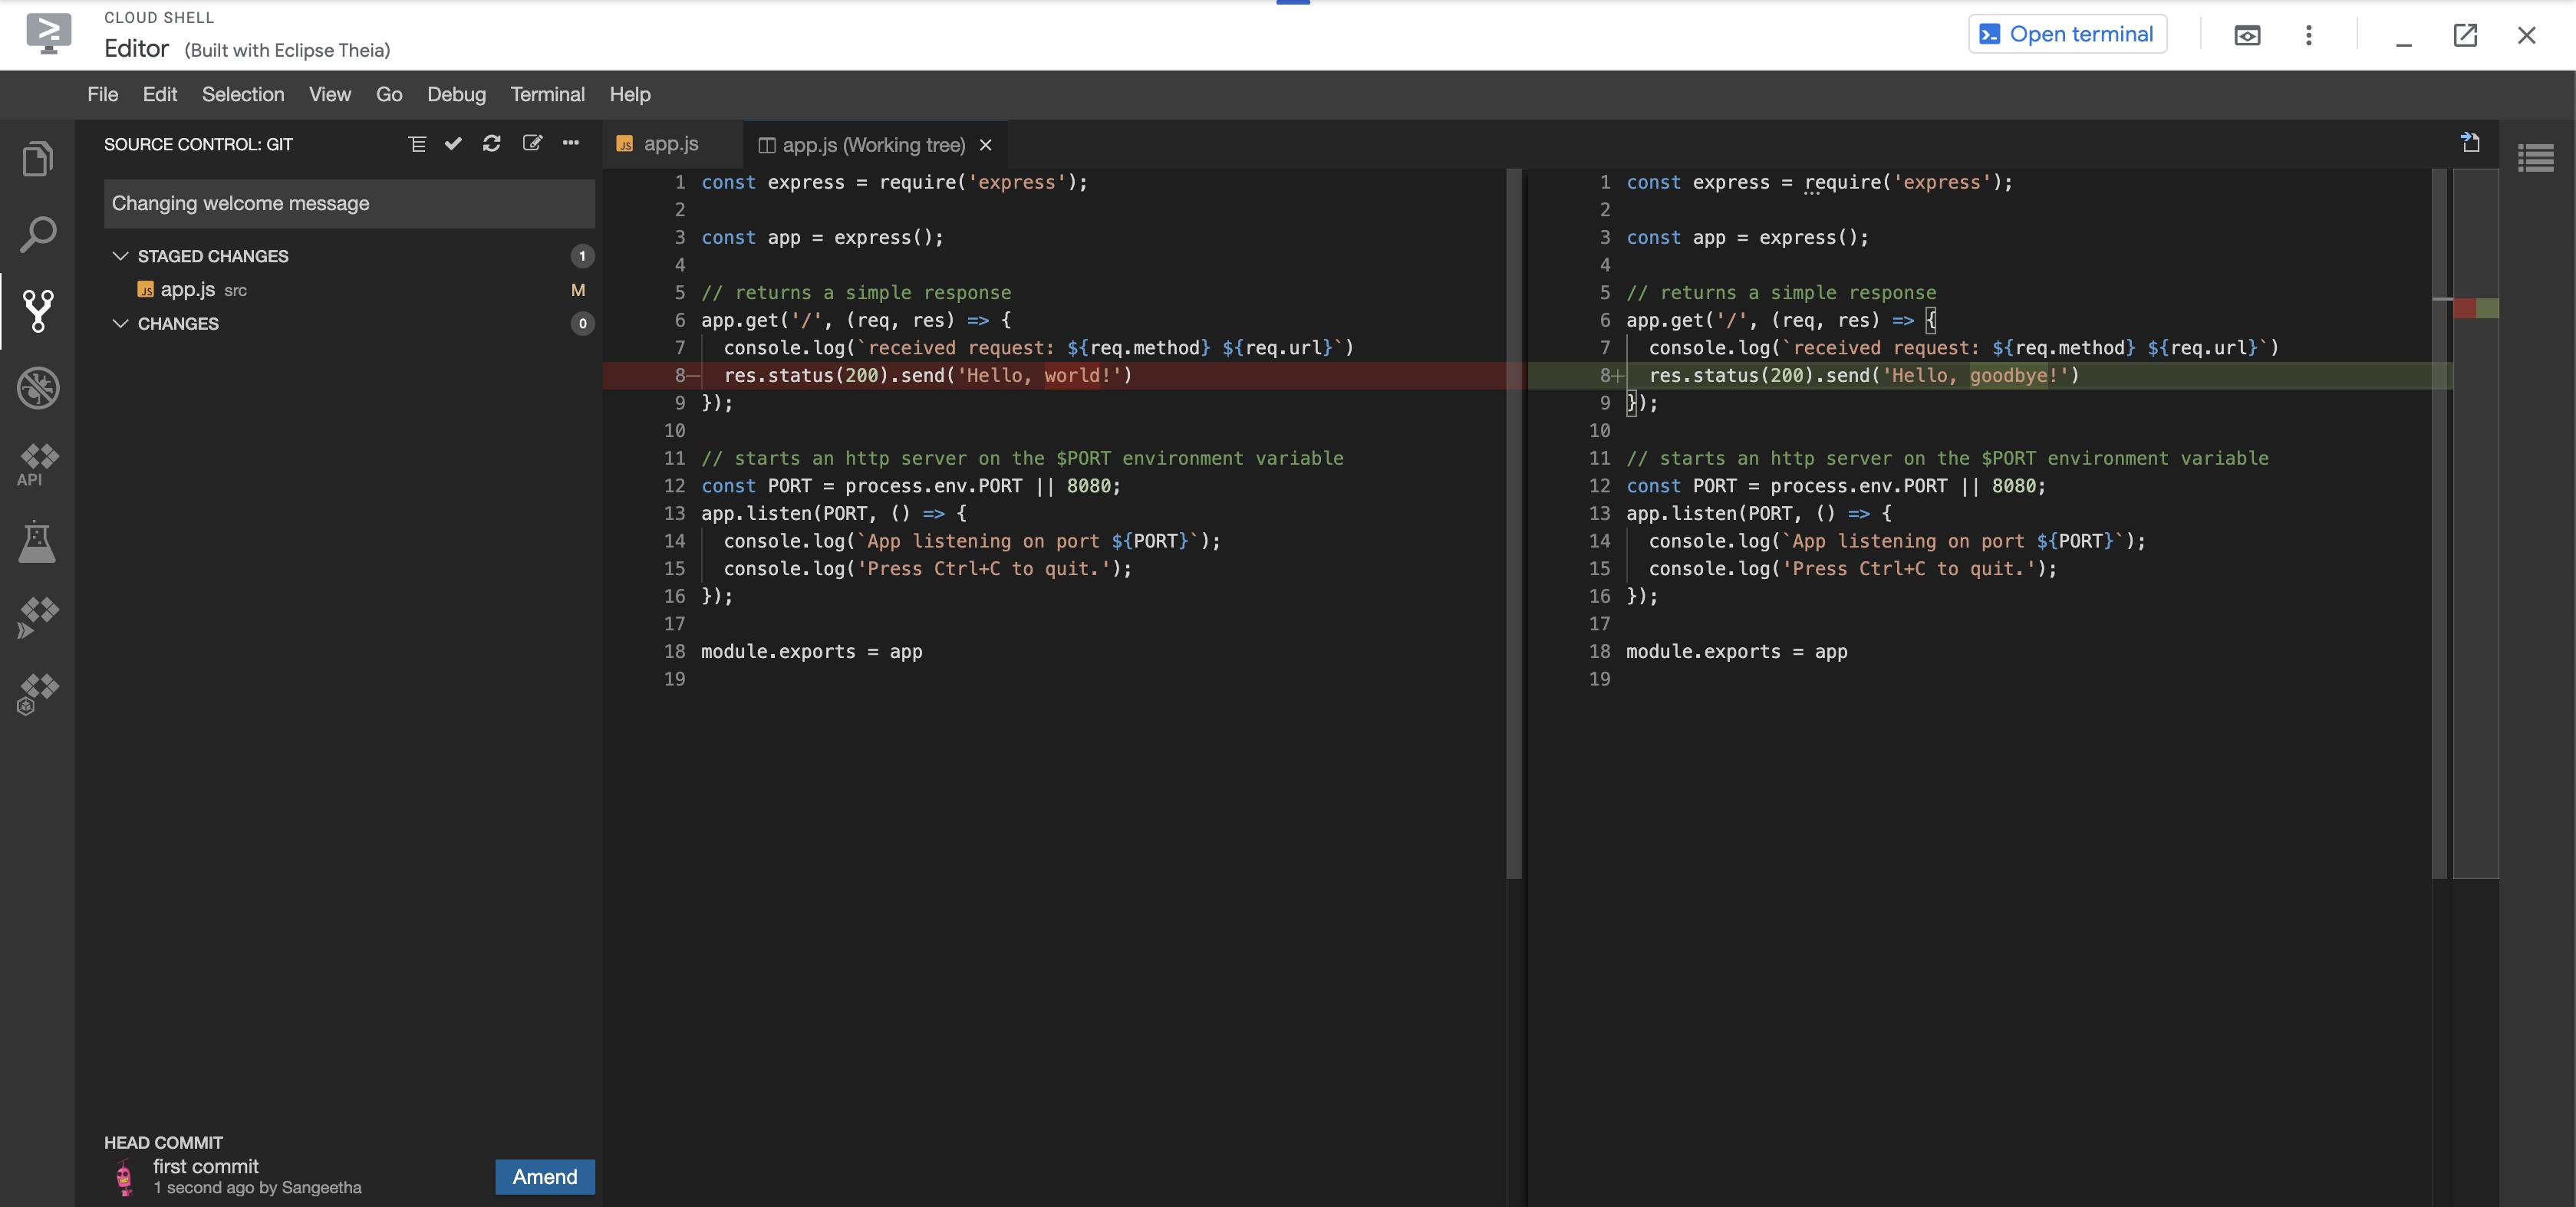 比较旧版 app.js 与修订后的 app.js 之间的差异,树状视图中显示填充的已提交消息和暂存更改